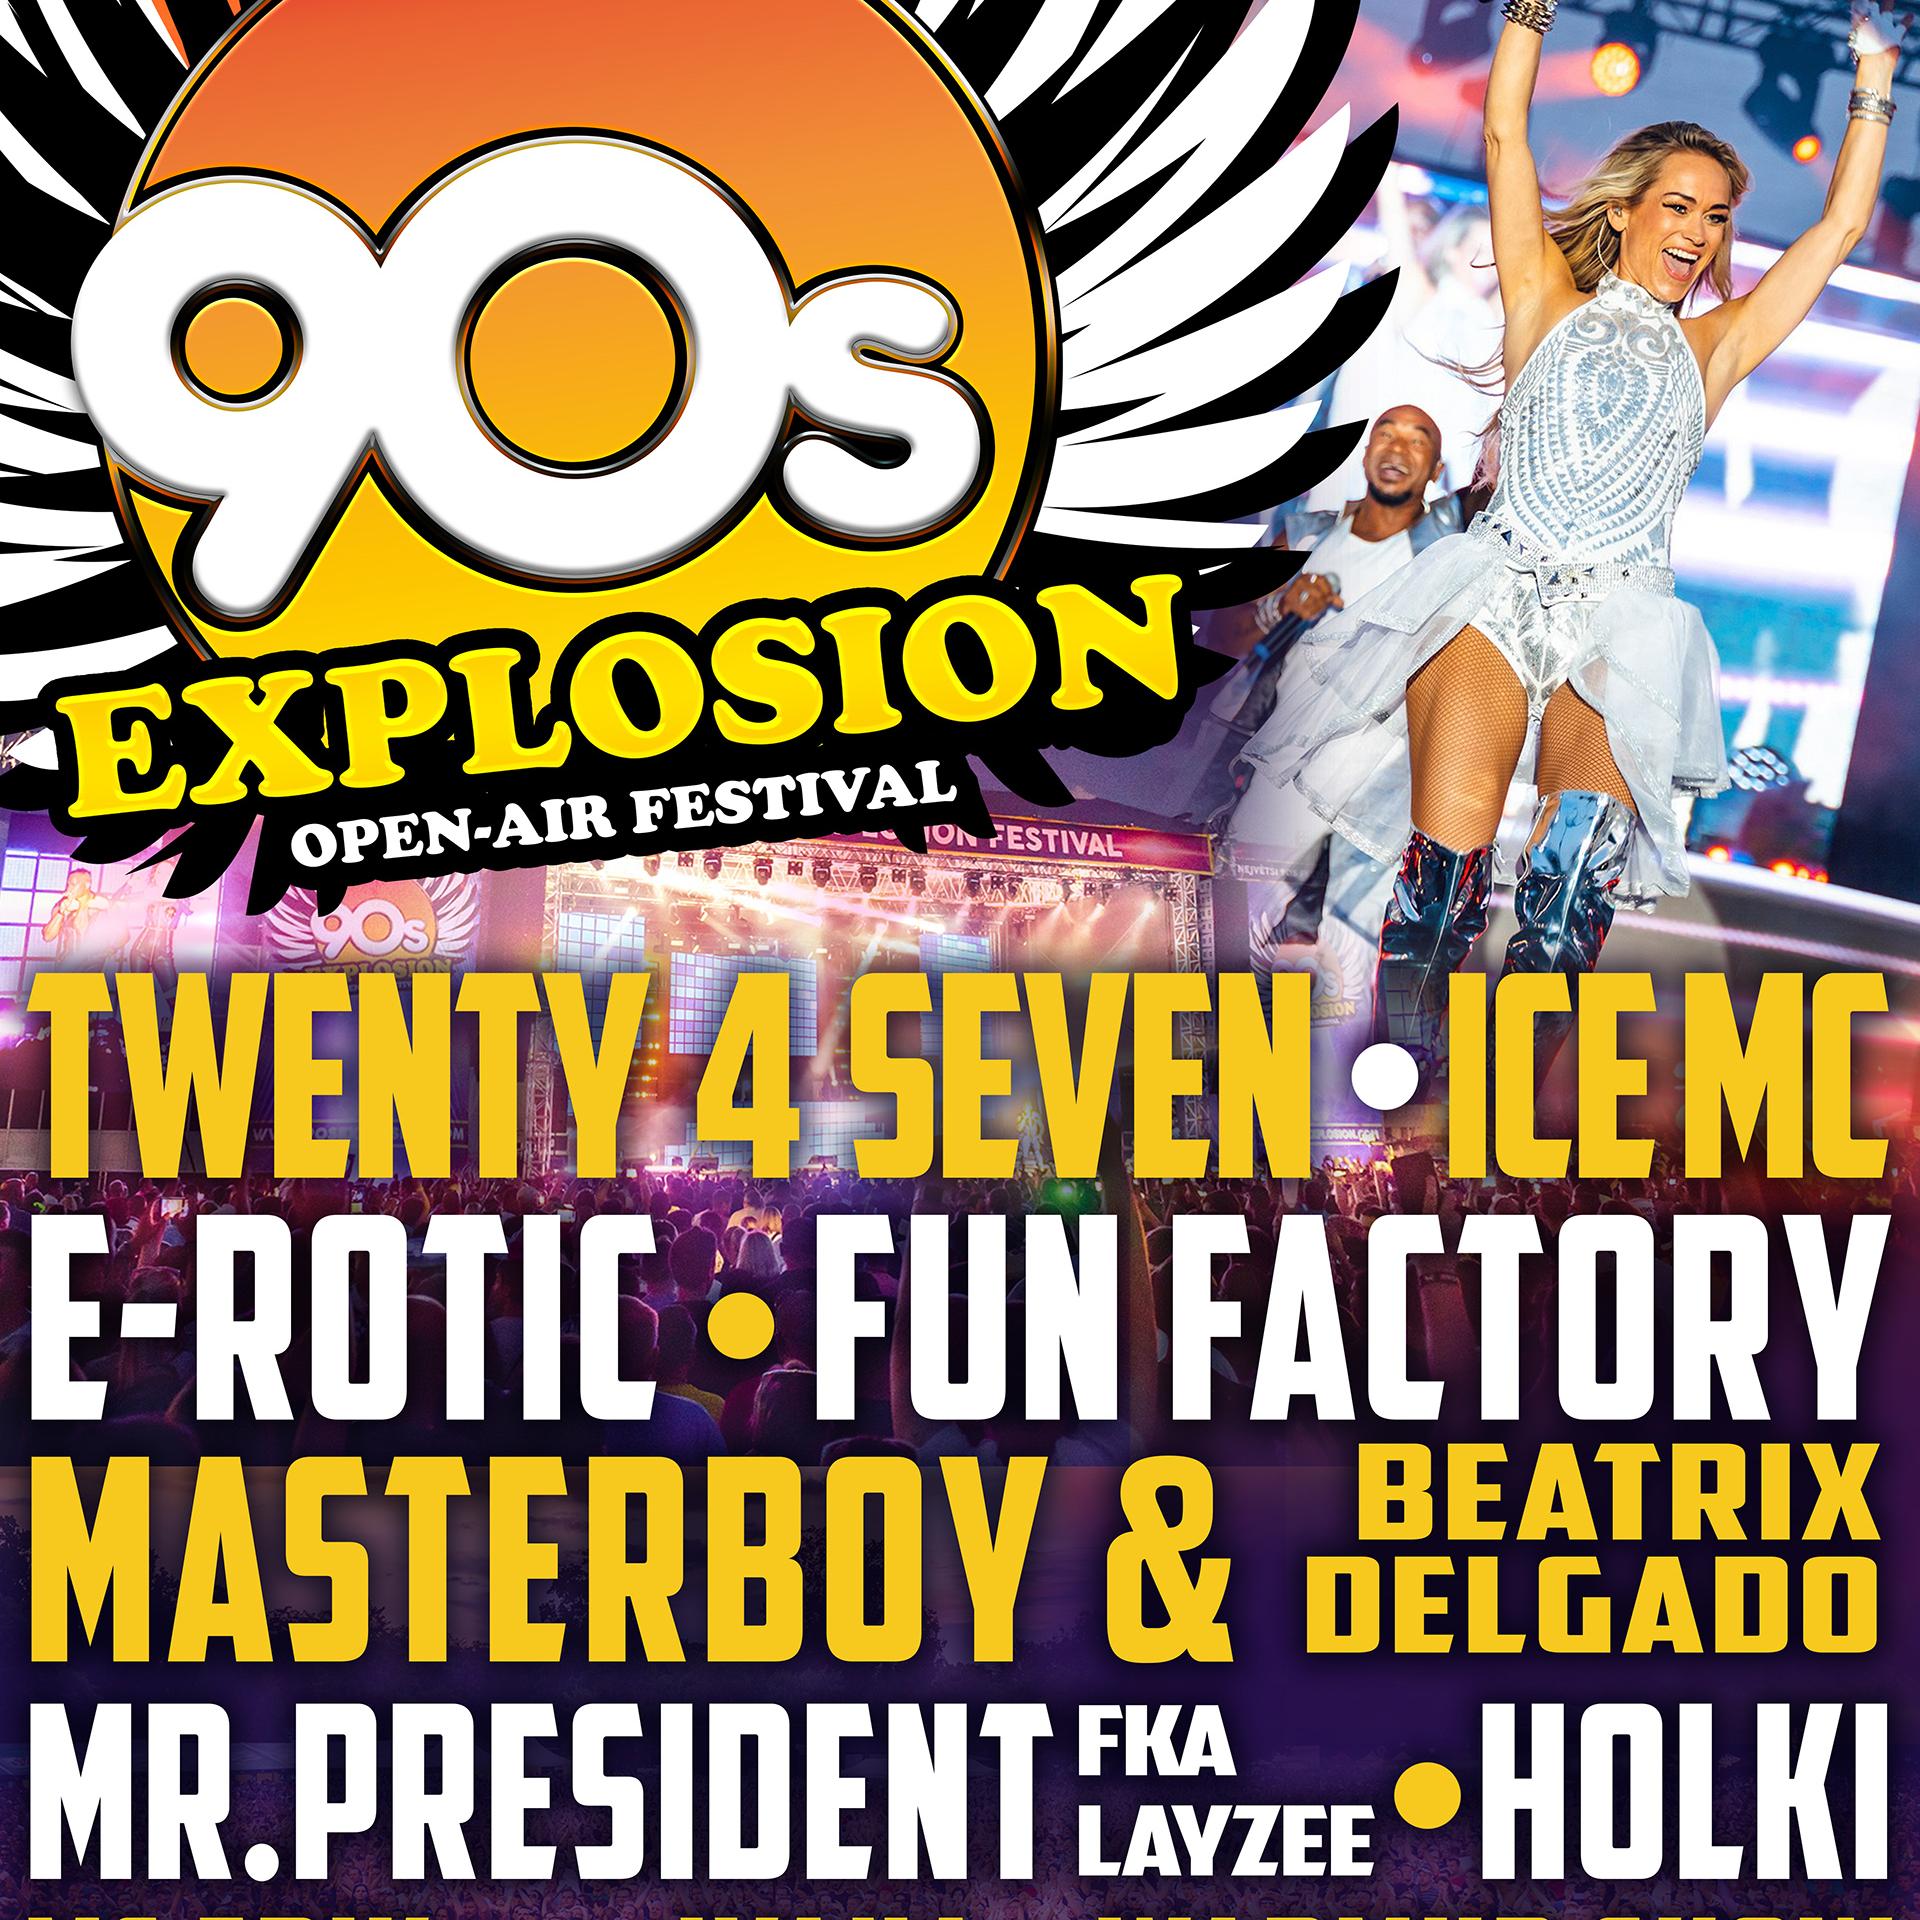 90s Explosion open-air festival Brno 2020<BR>Největší 90s festival na Moravě!<BR>Twenty 4 Seven, Mr. President, E-Rotic, Fun Factory, Masterboy a další..